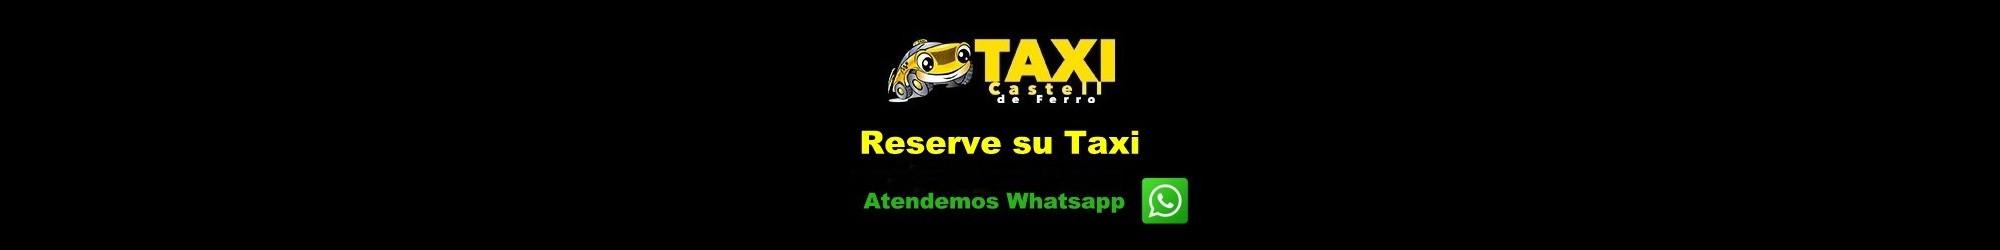 servicio de taxi en castell de ferro, servicio de taxi en gualchos